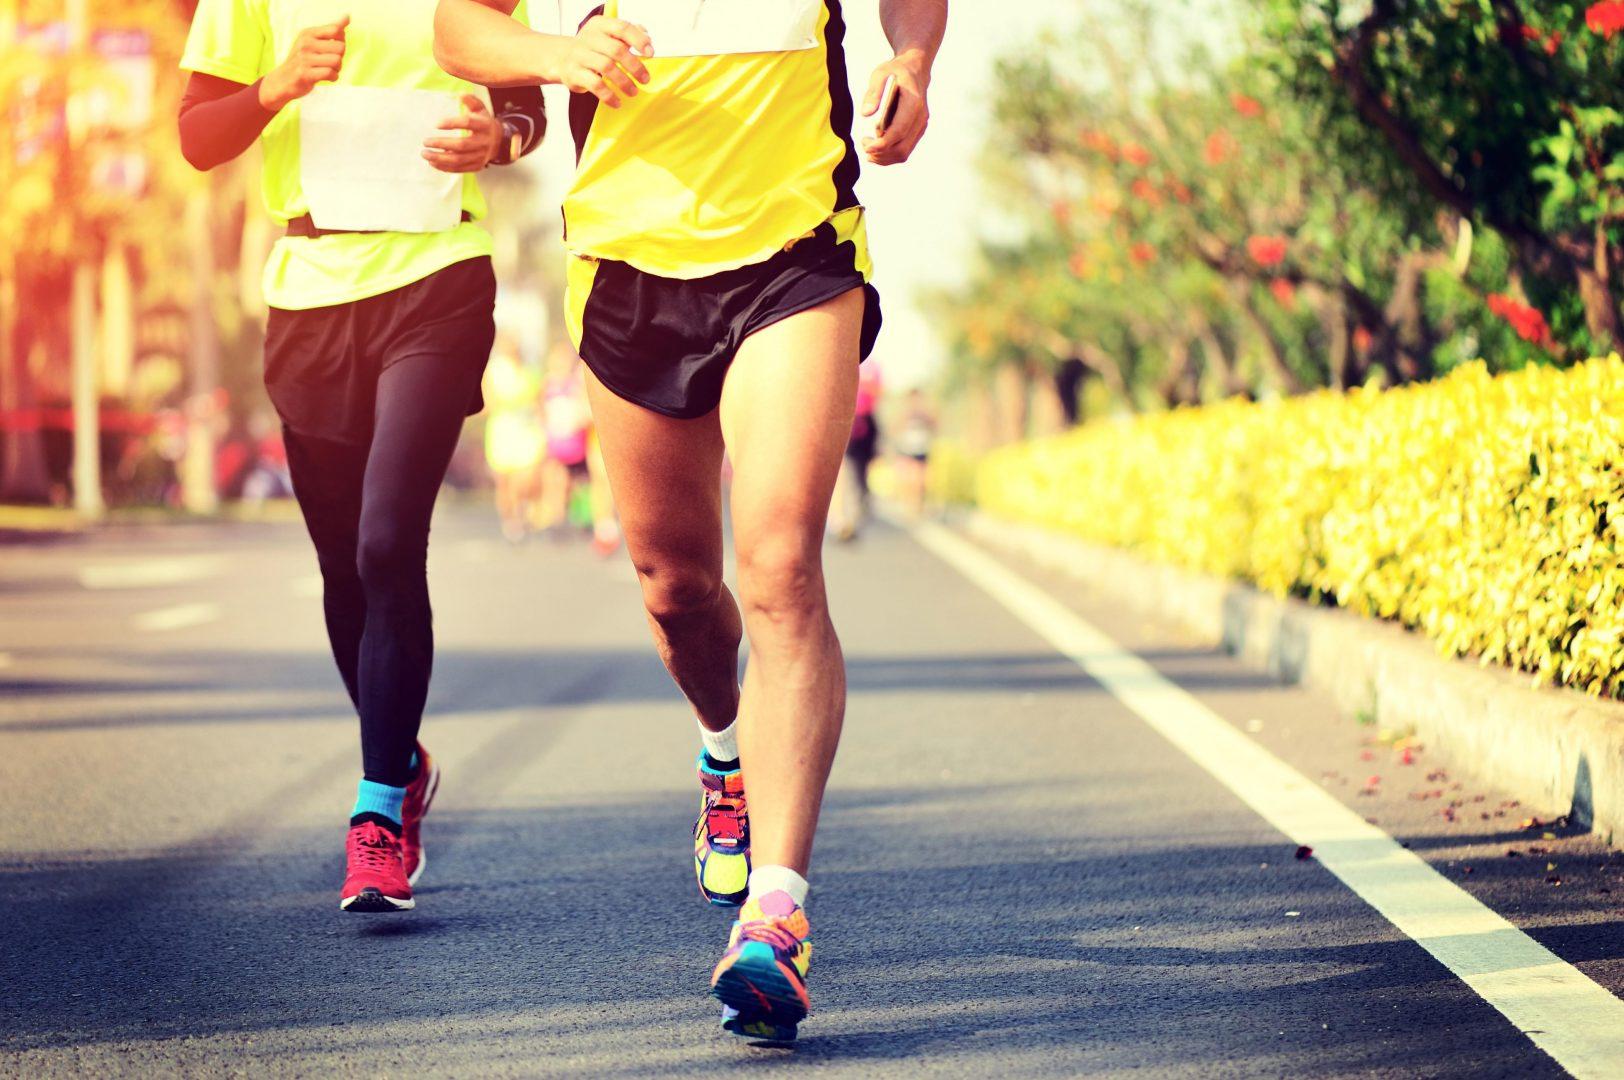 Ljubitelji adrenalina, planine i zdravog života sudjelovali na 7. po redu Jesenice Trekingu Pobjednici velike utrke od 33 km su Nenad Keč i Srđana Rožić Na 7. Jesenice Treking, u organizaciji Udruge Jesenice, prijavljeno je 577 natjecatelja, a utrka je krenula u 9.30 h ispred crkve Sv. Roka iz starog sela Jesenice.